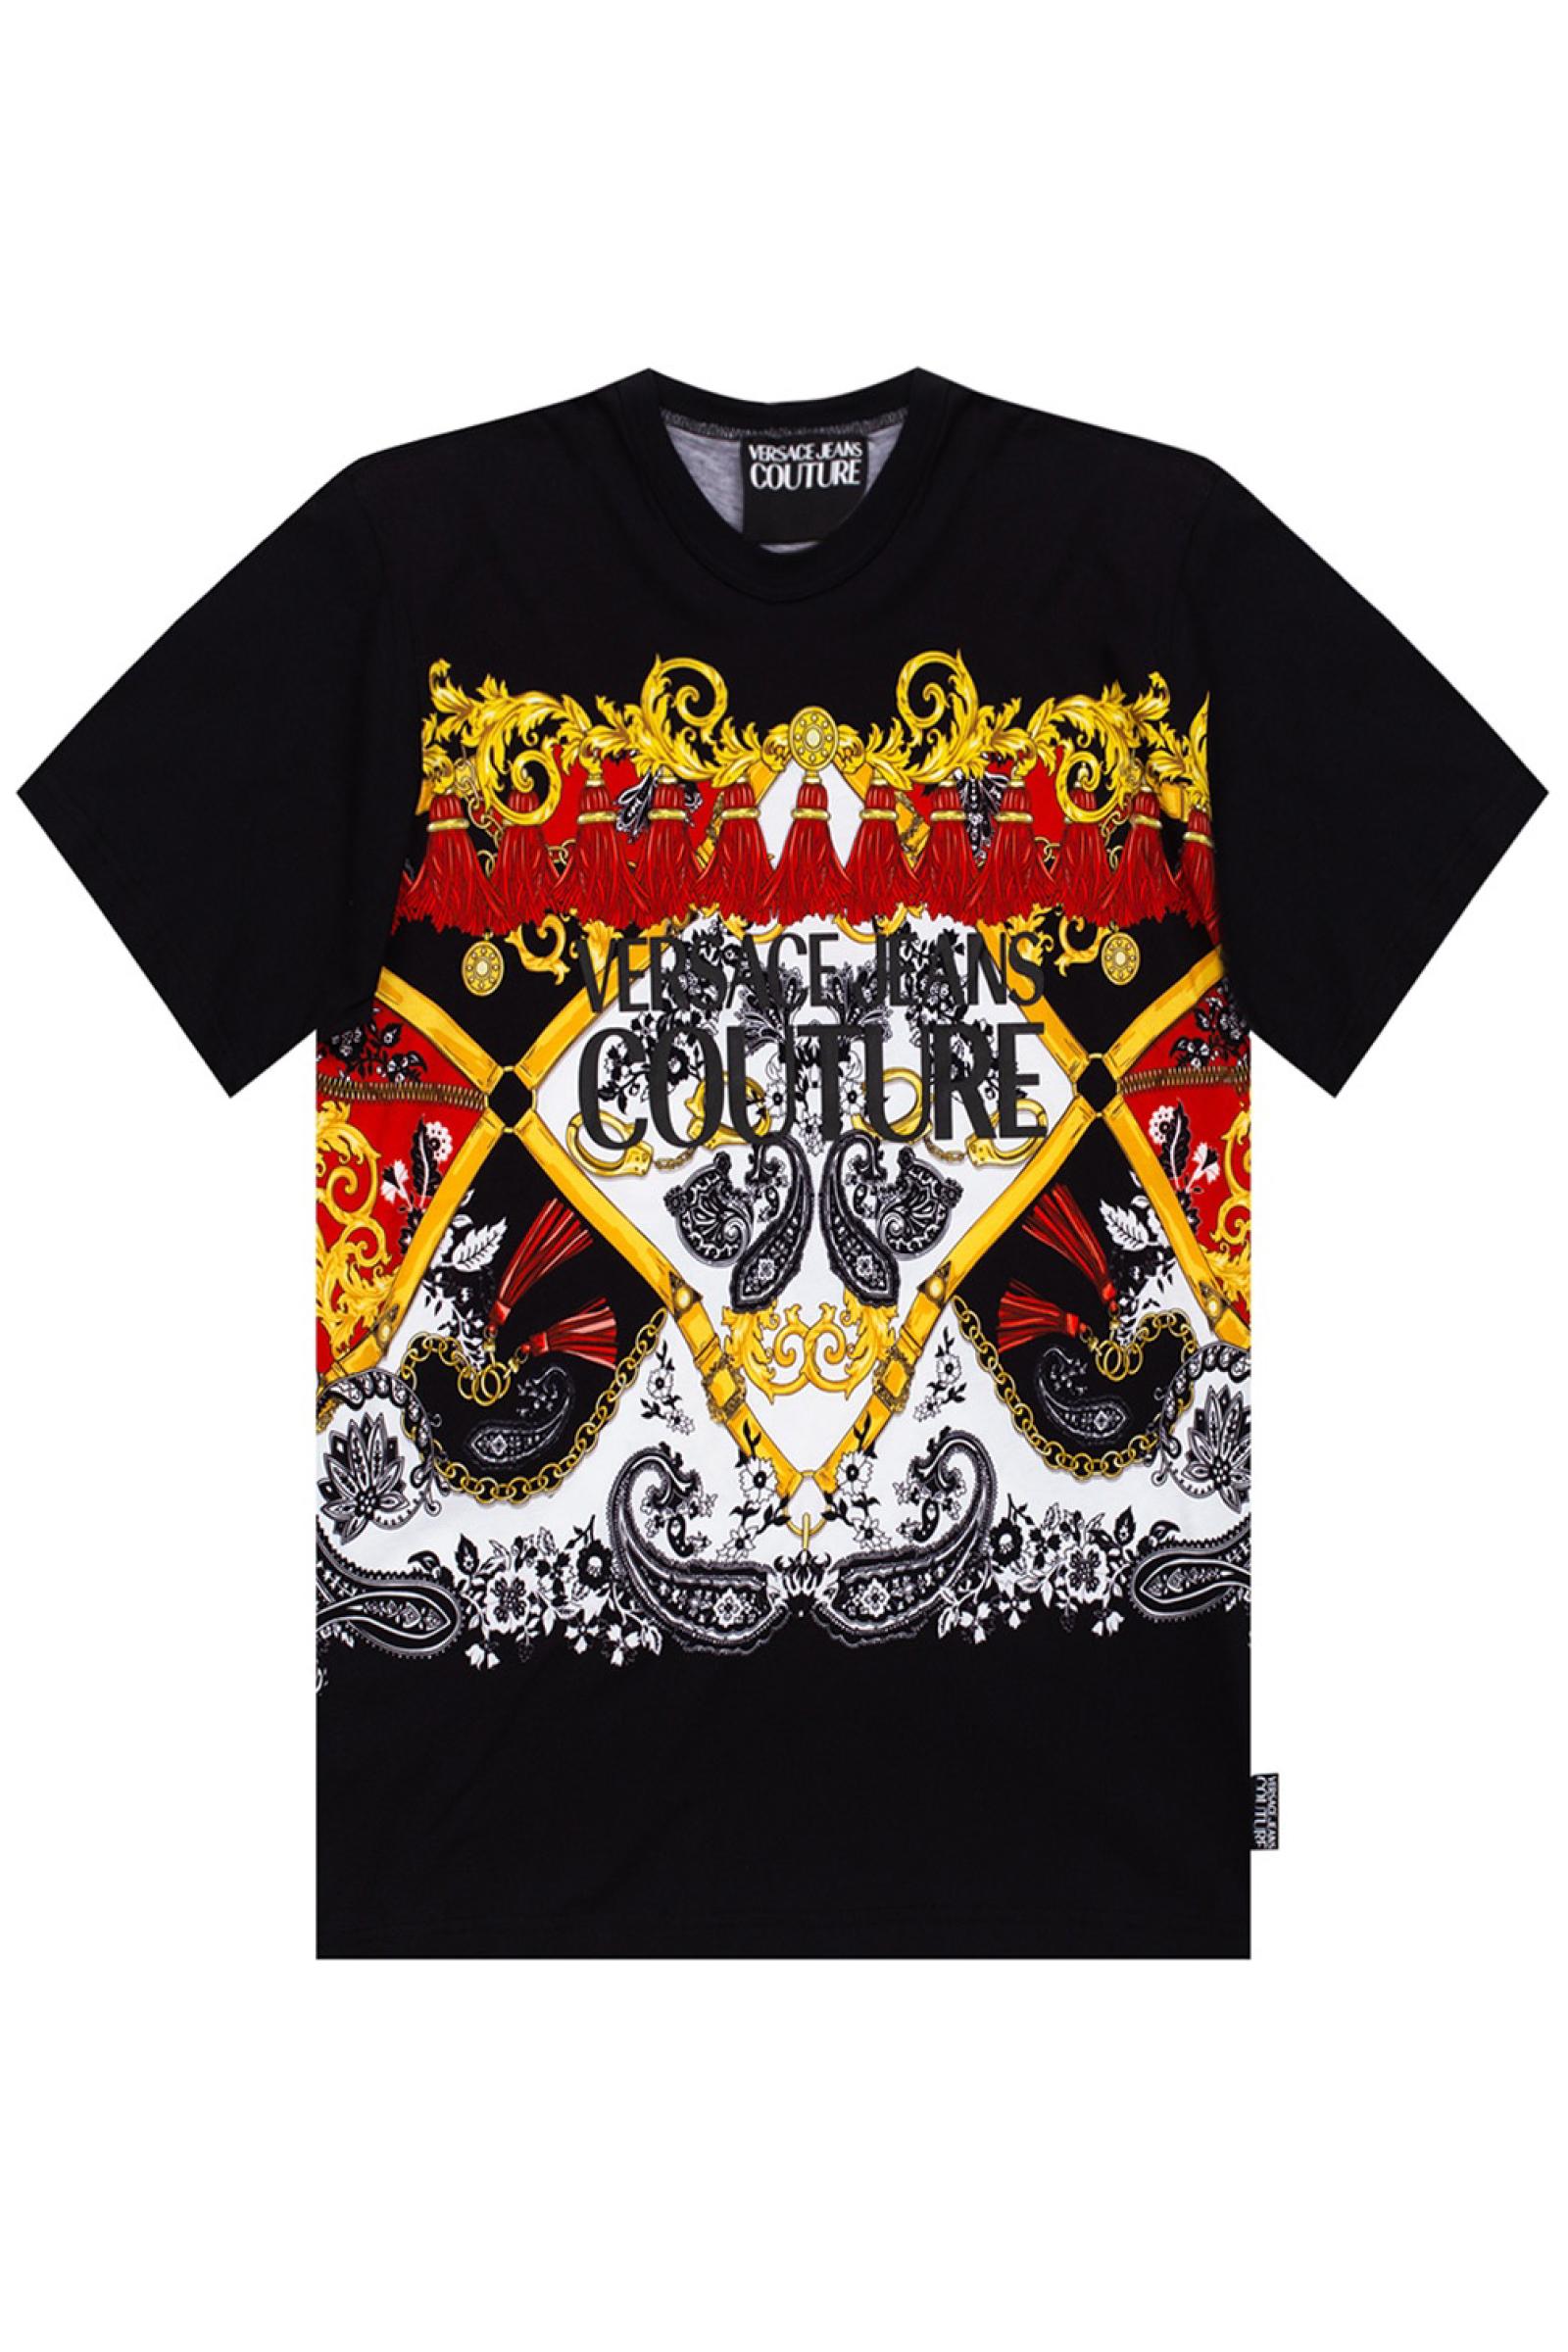 VERSACE JEANS COUTURE VERSACE JEANS COUTURE   T-Shirt   B3GZA7KA.30327899 ZUP601